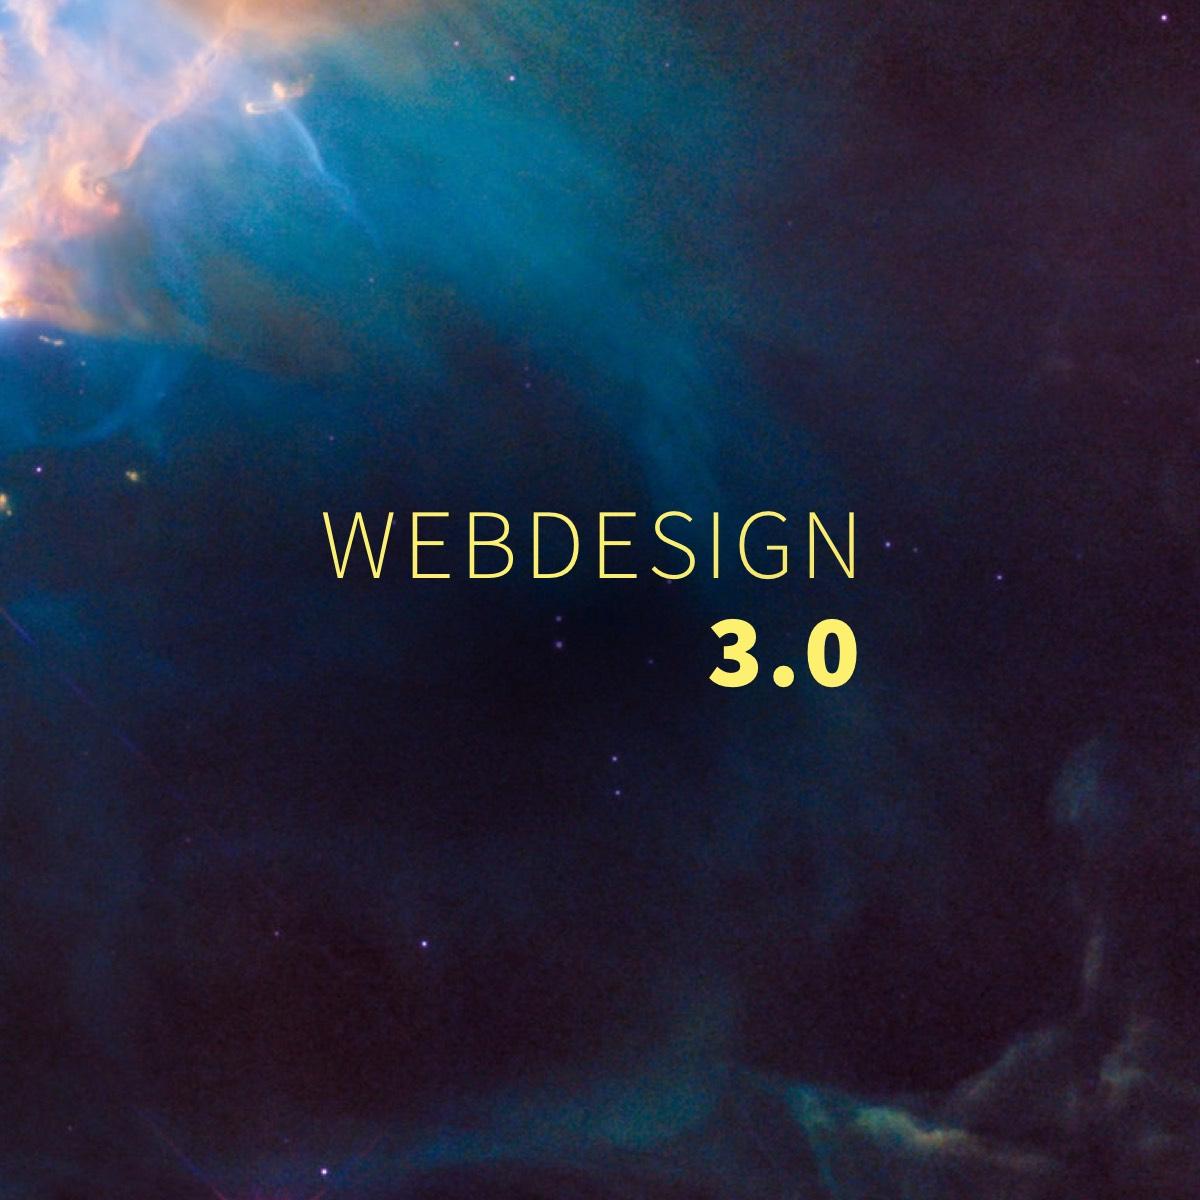 Webdesign 3.0 - Was kommt als nächstes?